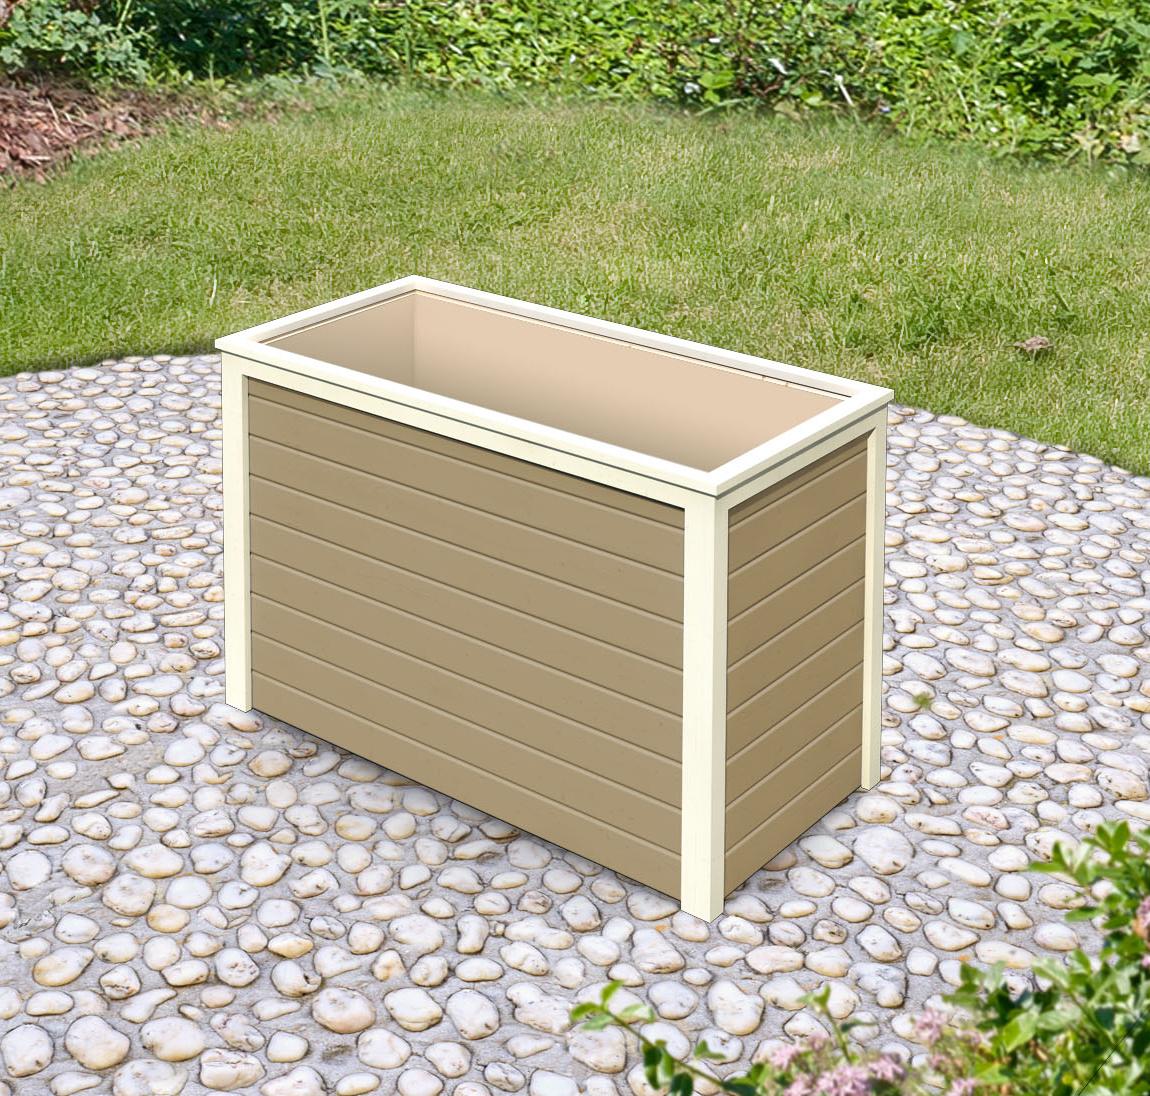 Hochbeet 19 mm Karibu 1 sandbeige 133x69x82cm Bild 1